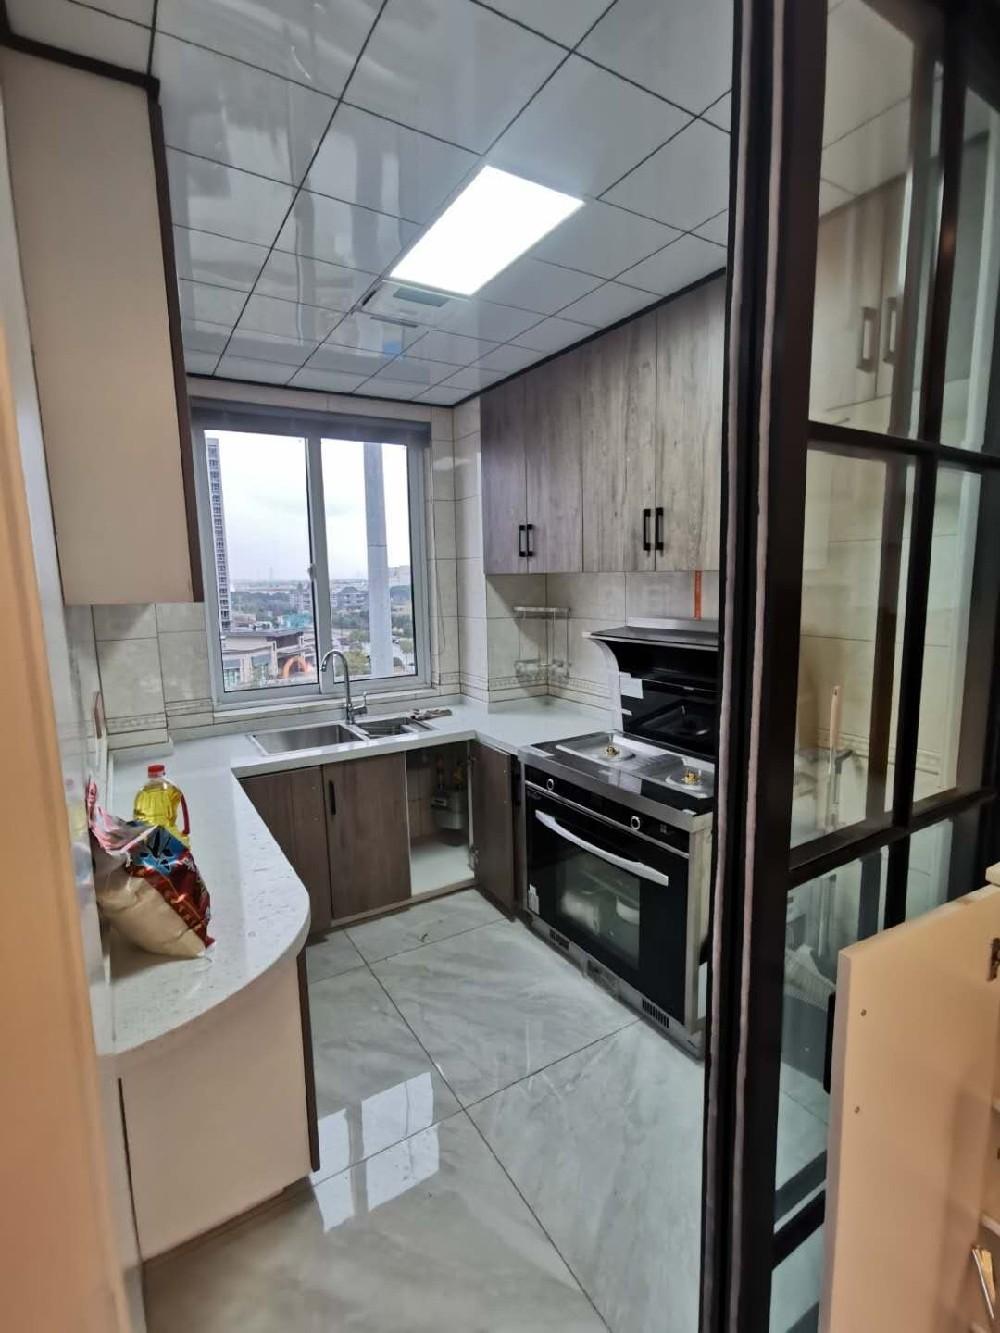 2020簡約廚房裝修圖 2020簡約地板磚裝修設計圖片